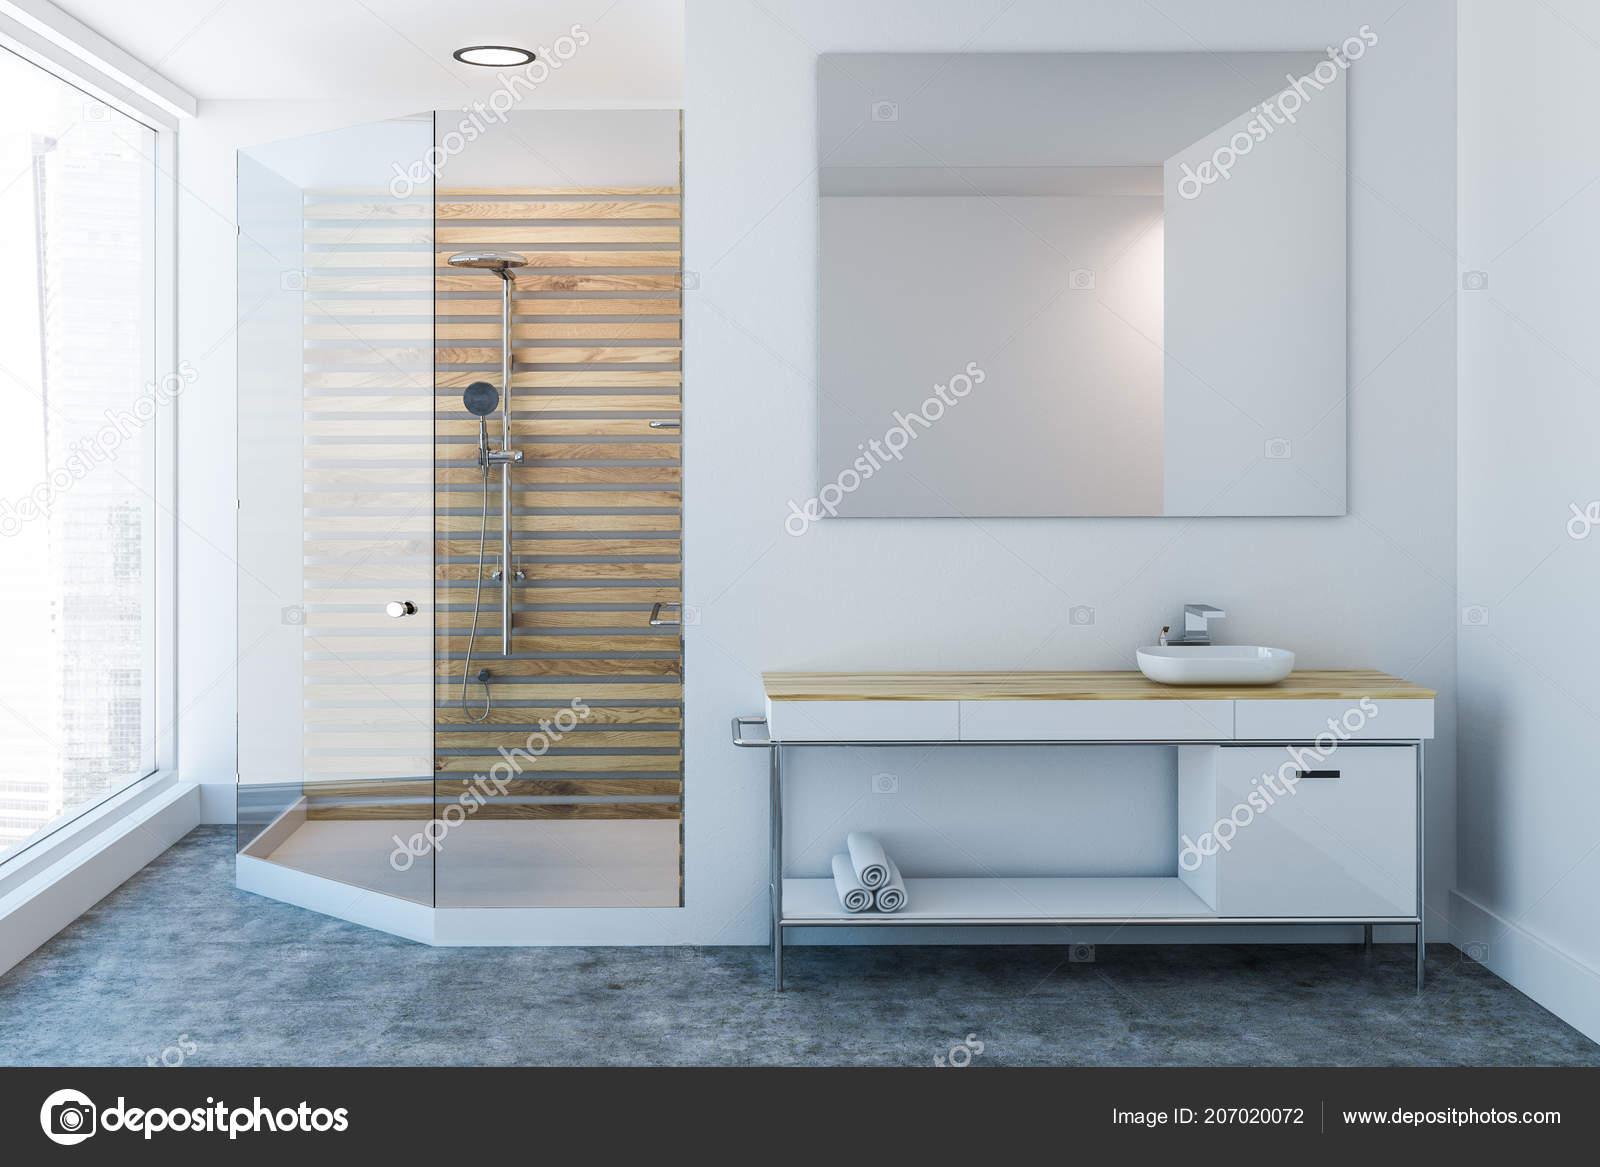 Interior Del Cuarto Baño Lujo Con Una Ducha Madera Mueble — Fotos de ...